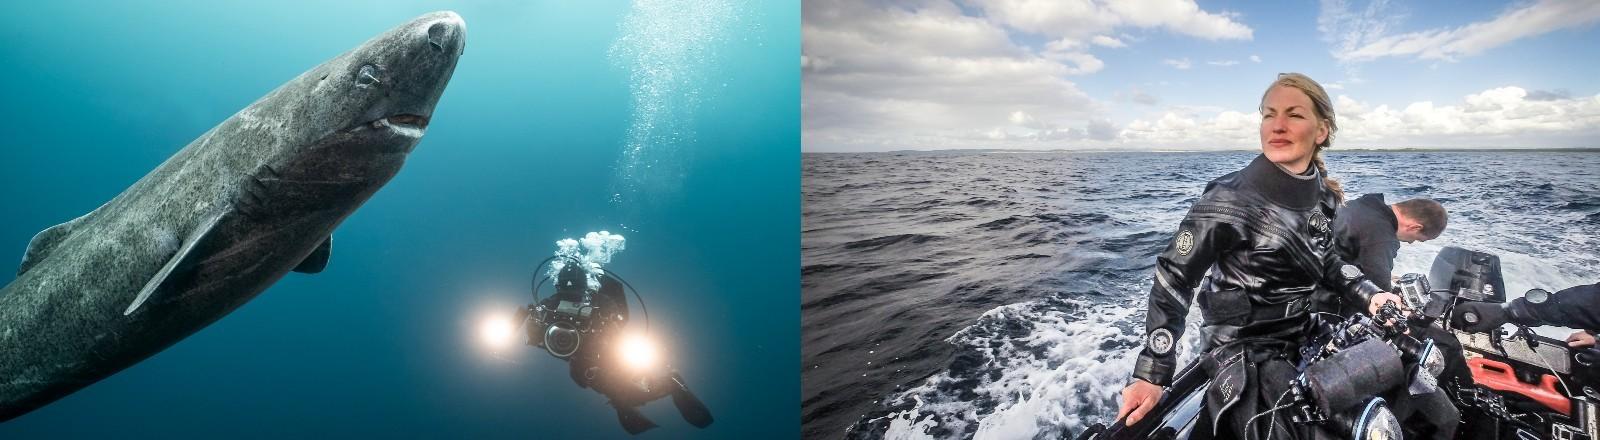 Eishai und Unterwasser Kamerafrau Christina Karliczek